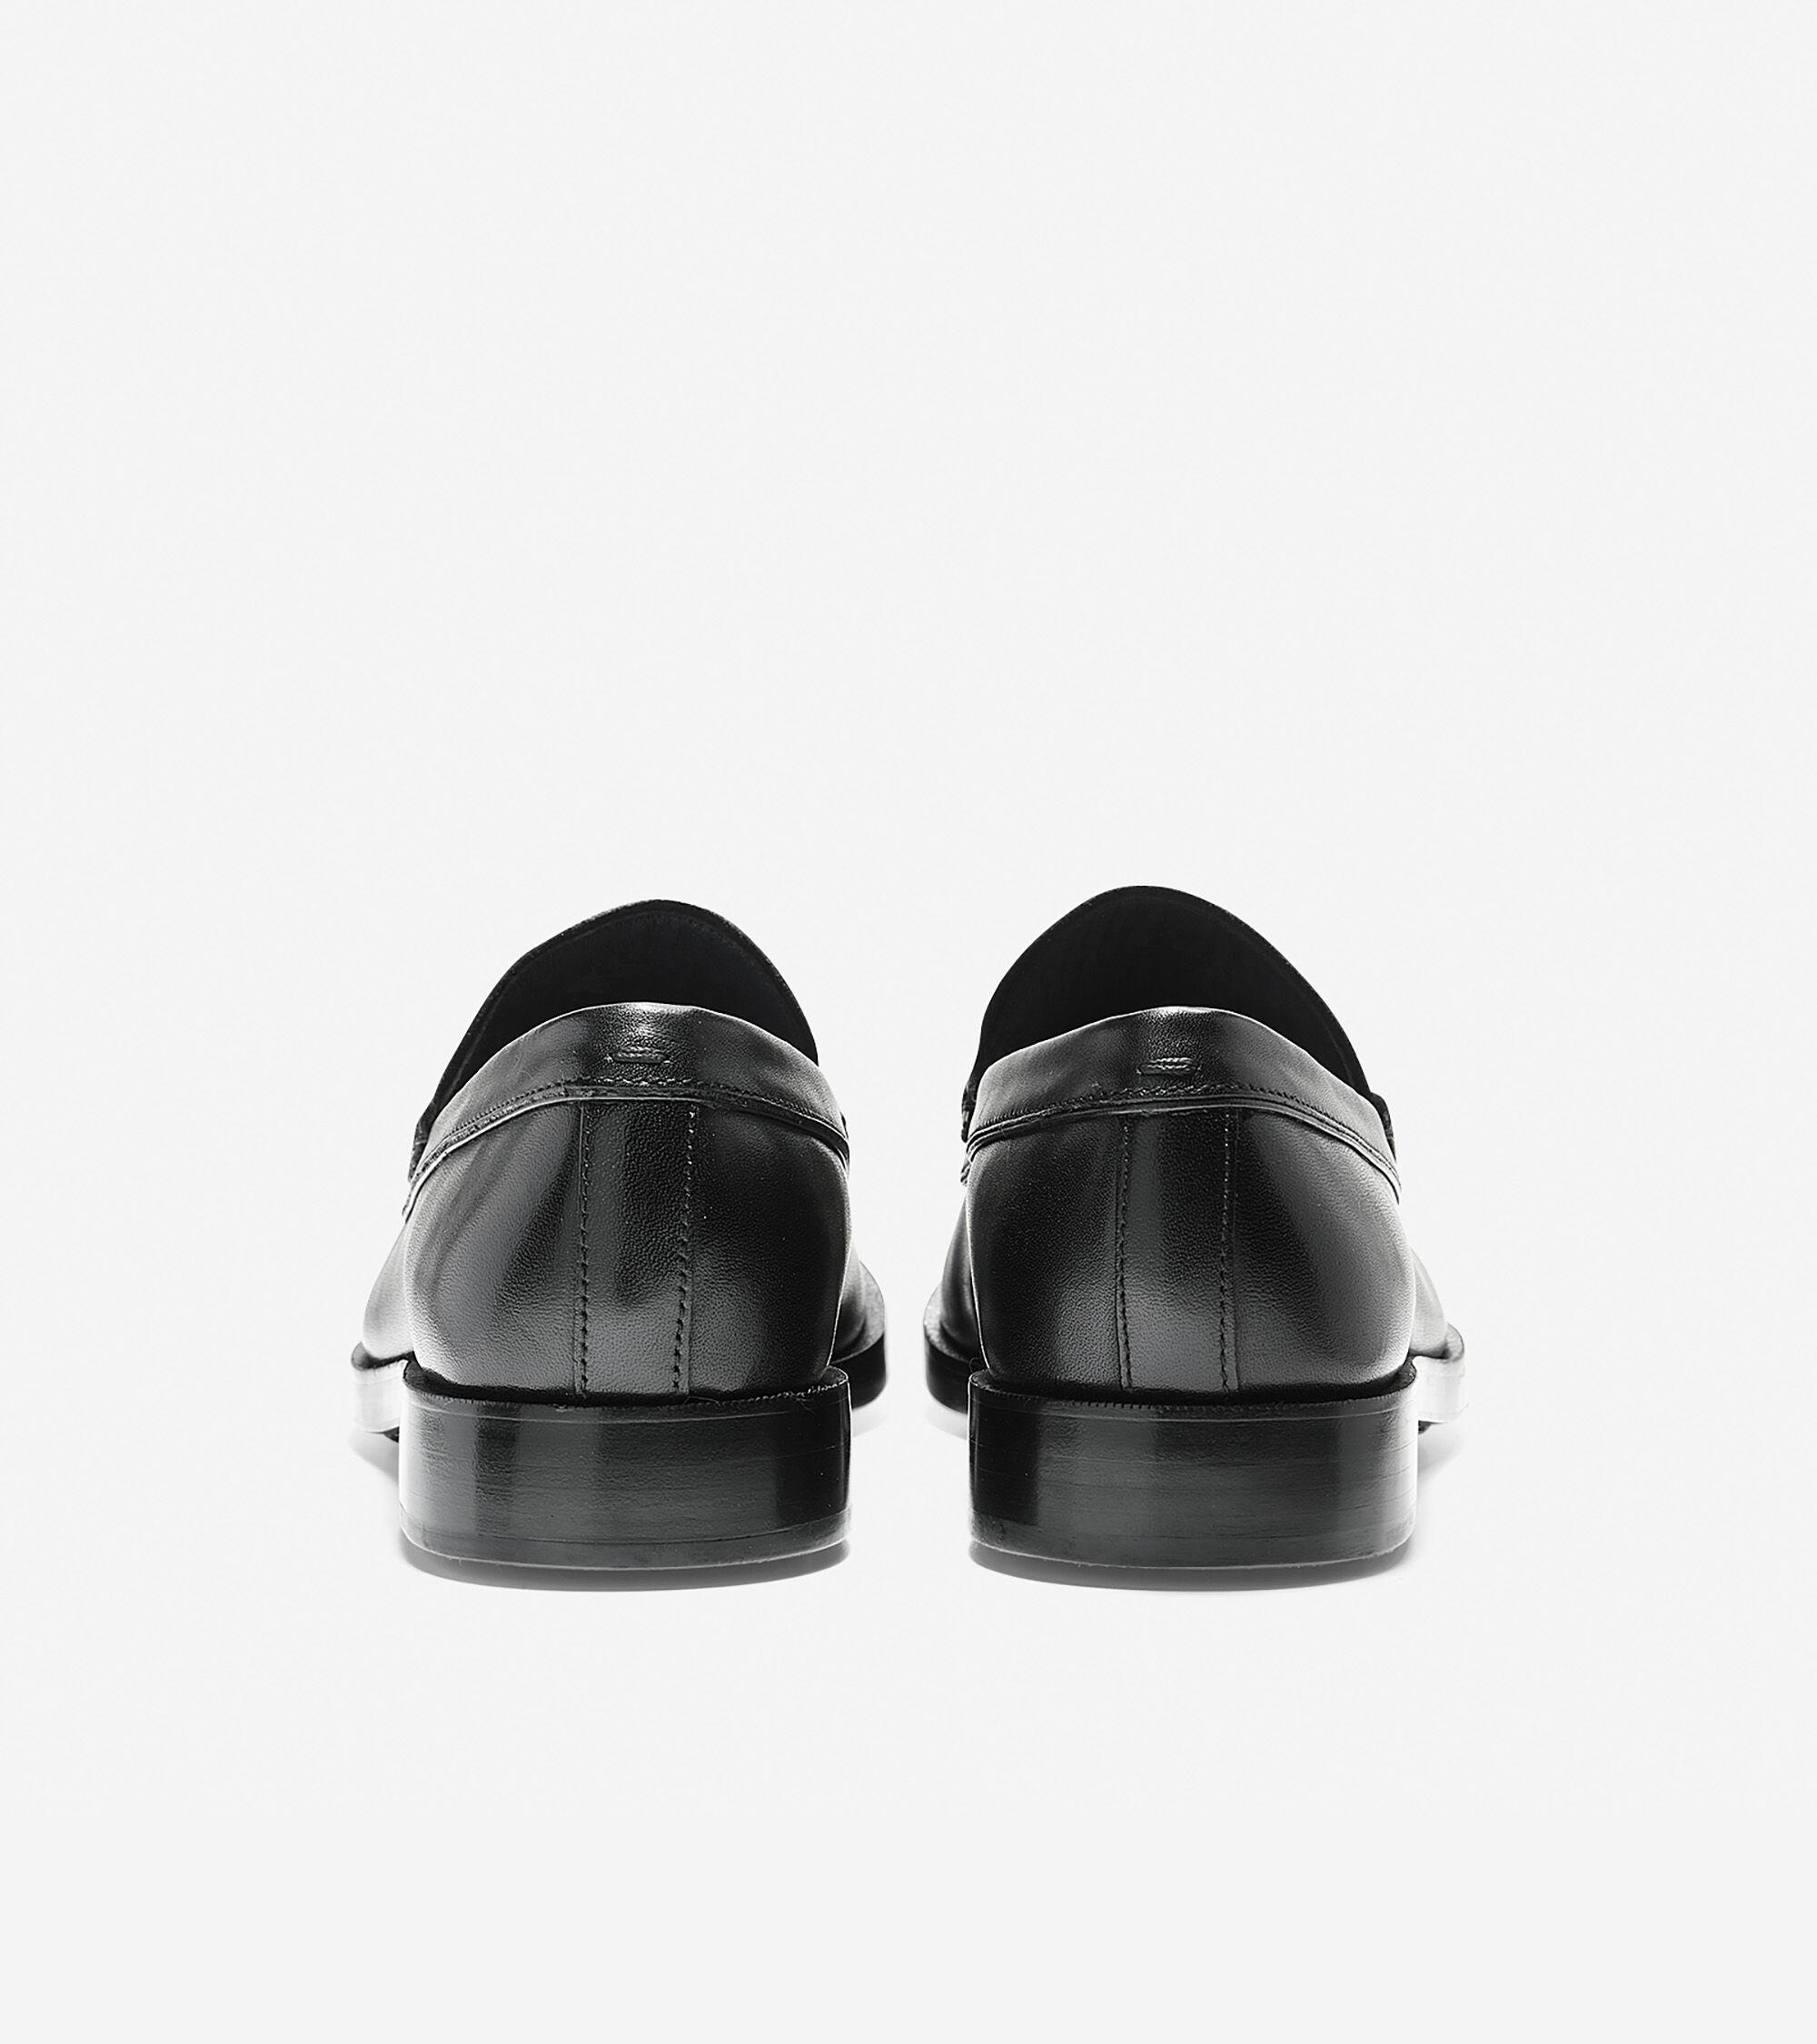 a8ec595f8e3 Men s Hamilton Grand Venetian Loafers in Black